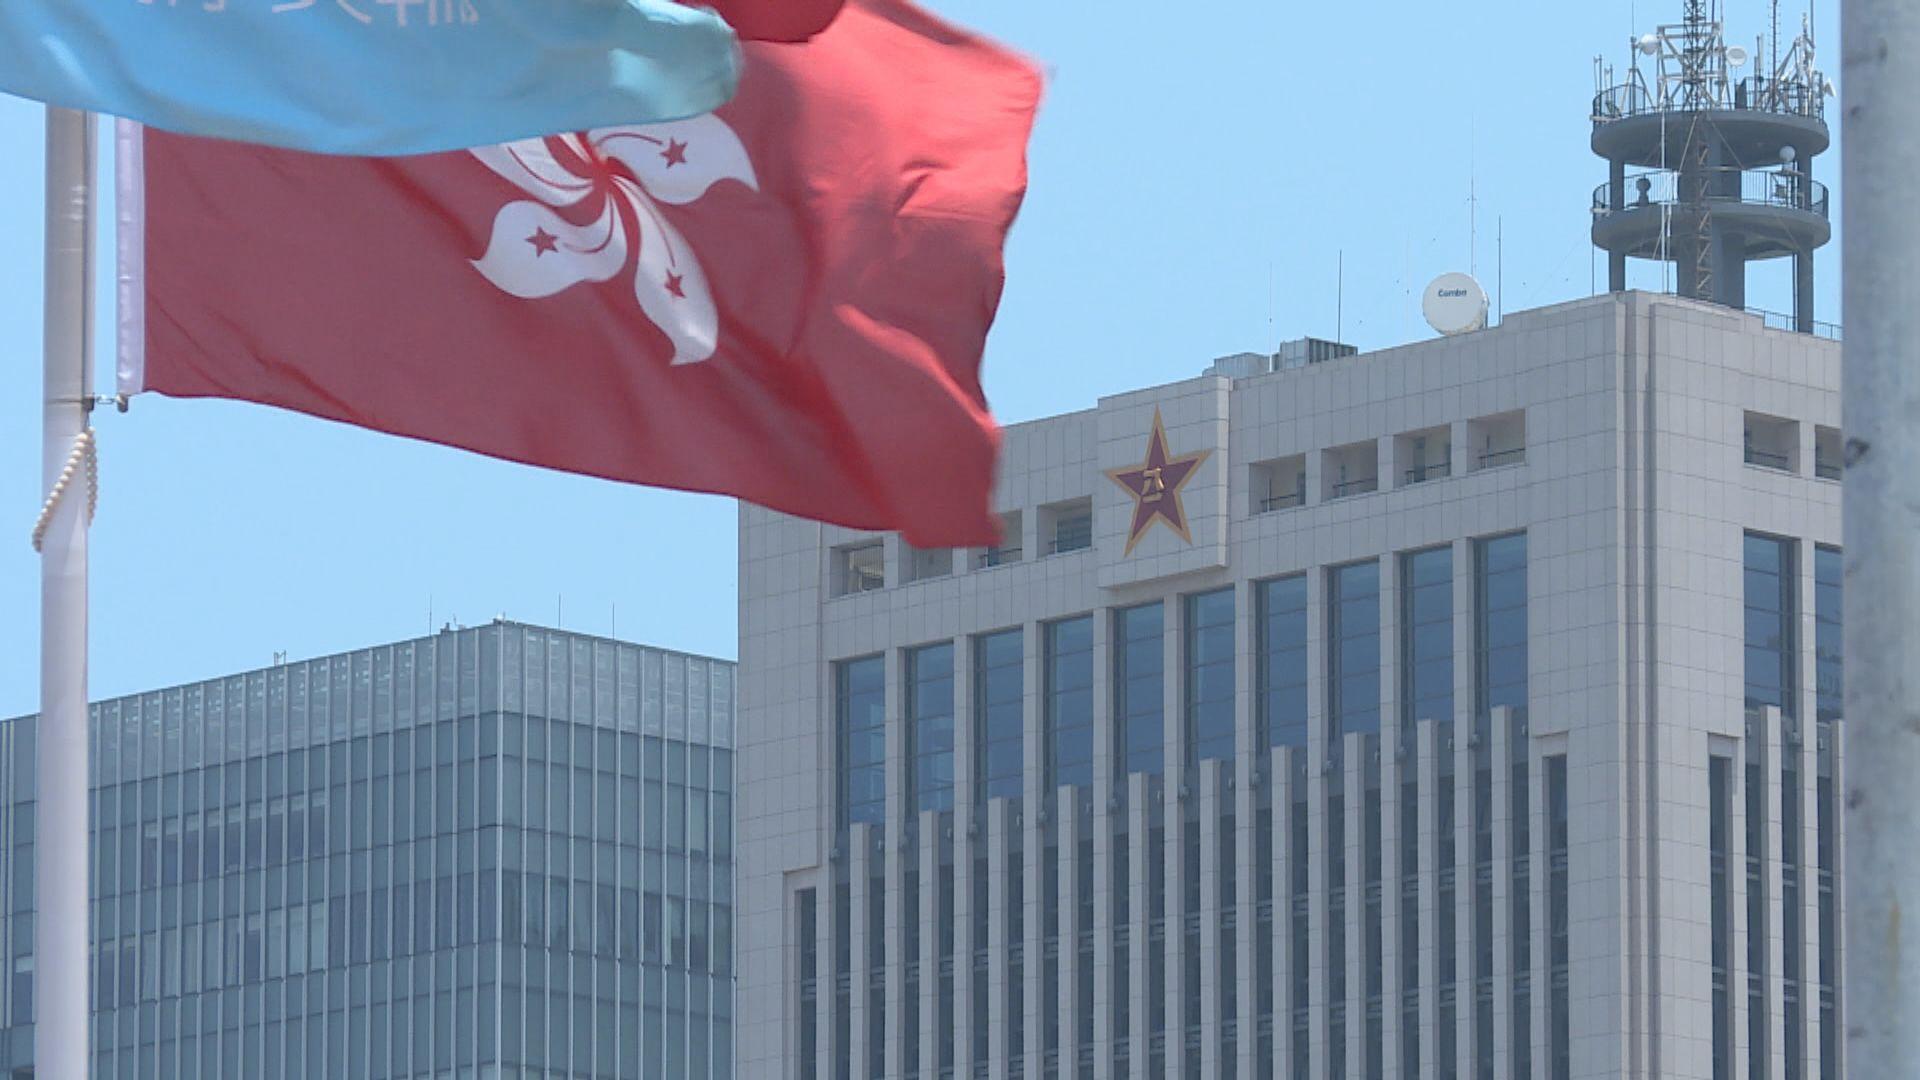 駐港解放軍聲明:堅決擁護港區國安法頒布實施